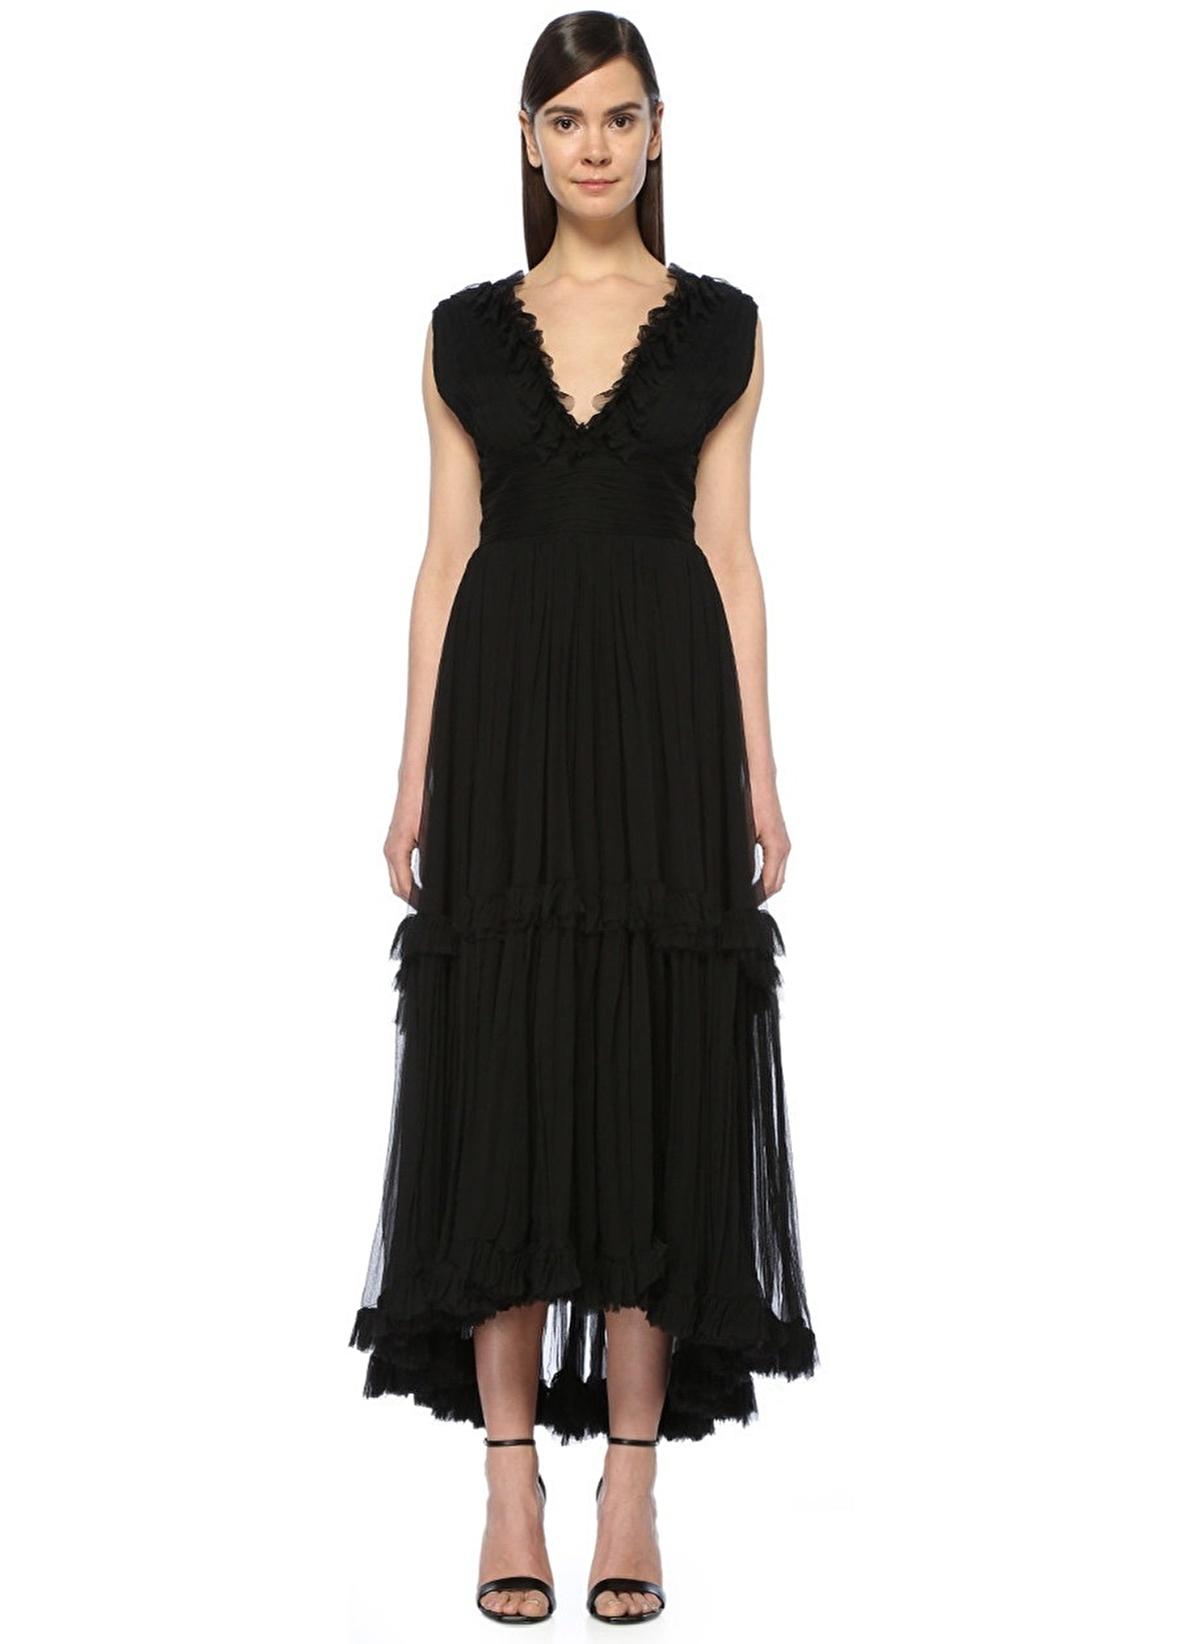 Beymen Collection Kadin Abiye Elbise Siyah Morhipo 21270132